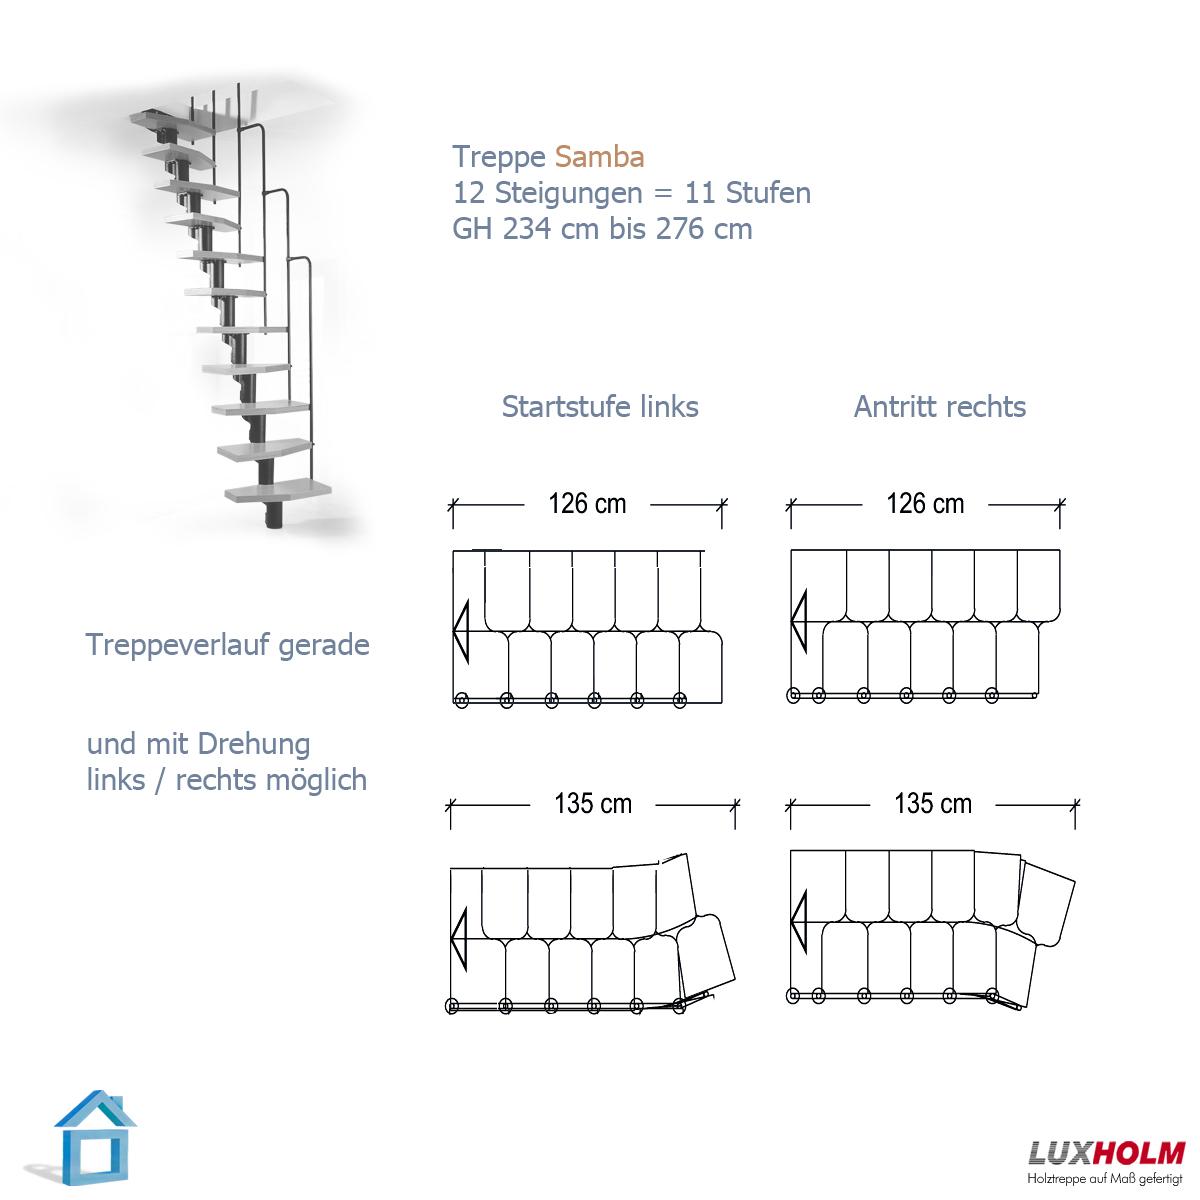 Treppenstufen Holz Raumspartreppe ~ Mittelholmtreppe Delta für Deckenöffnungen ab 130 x 65 cm und